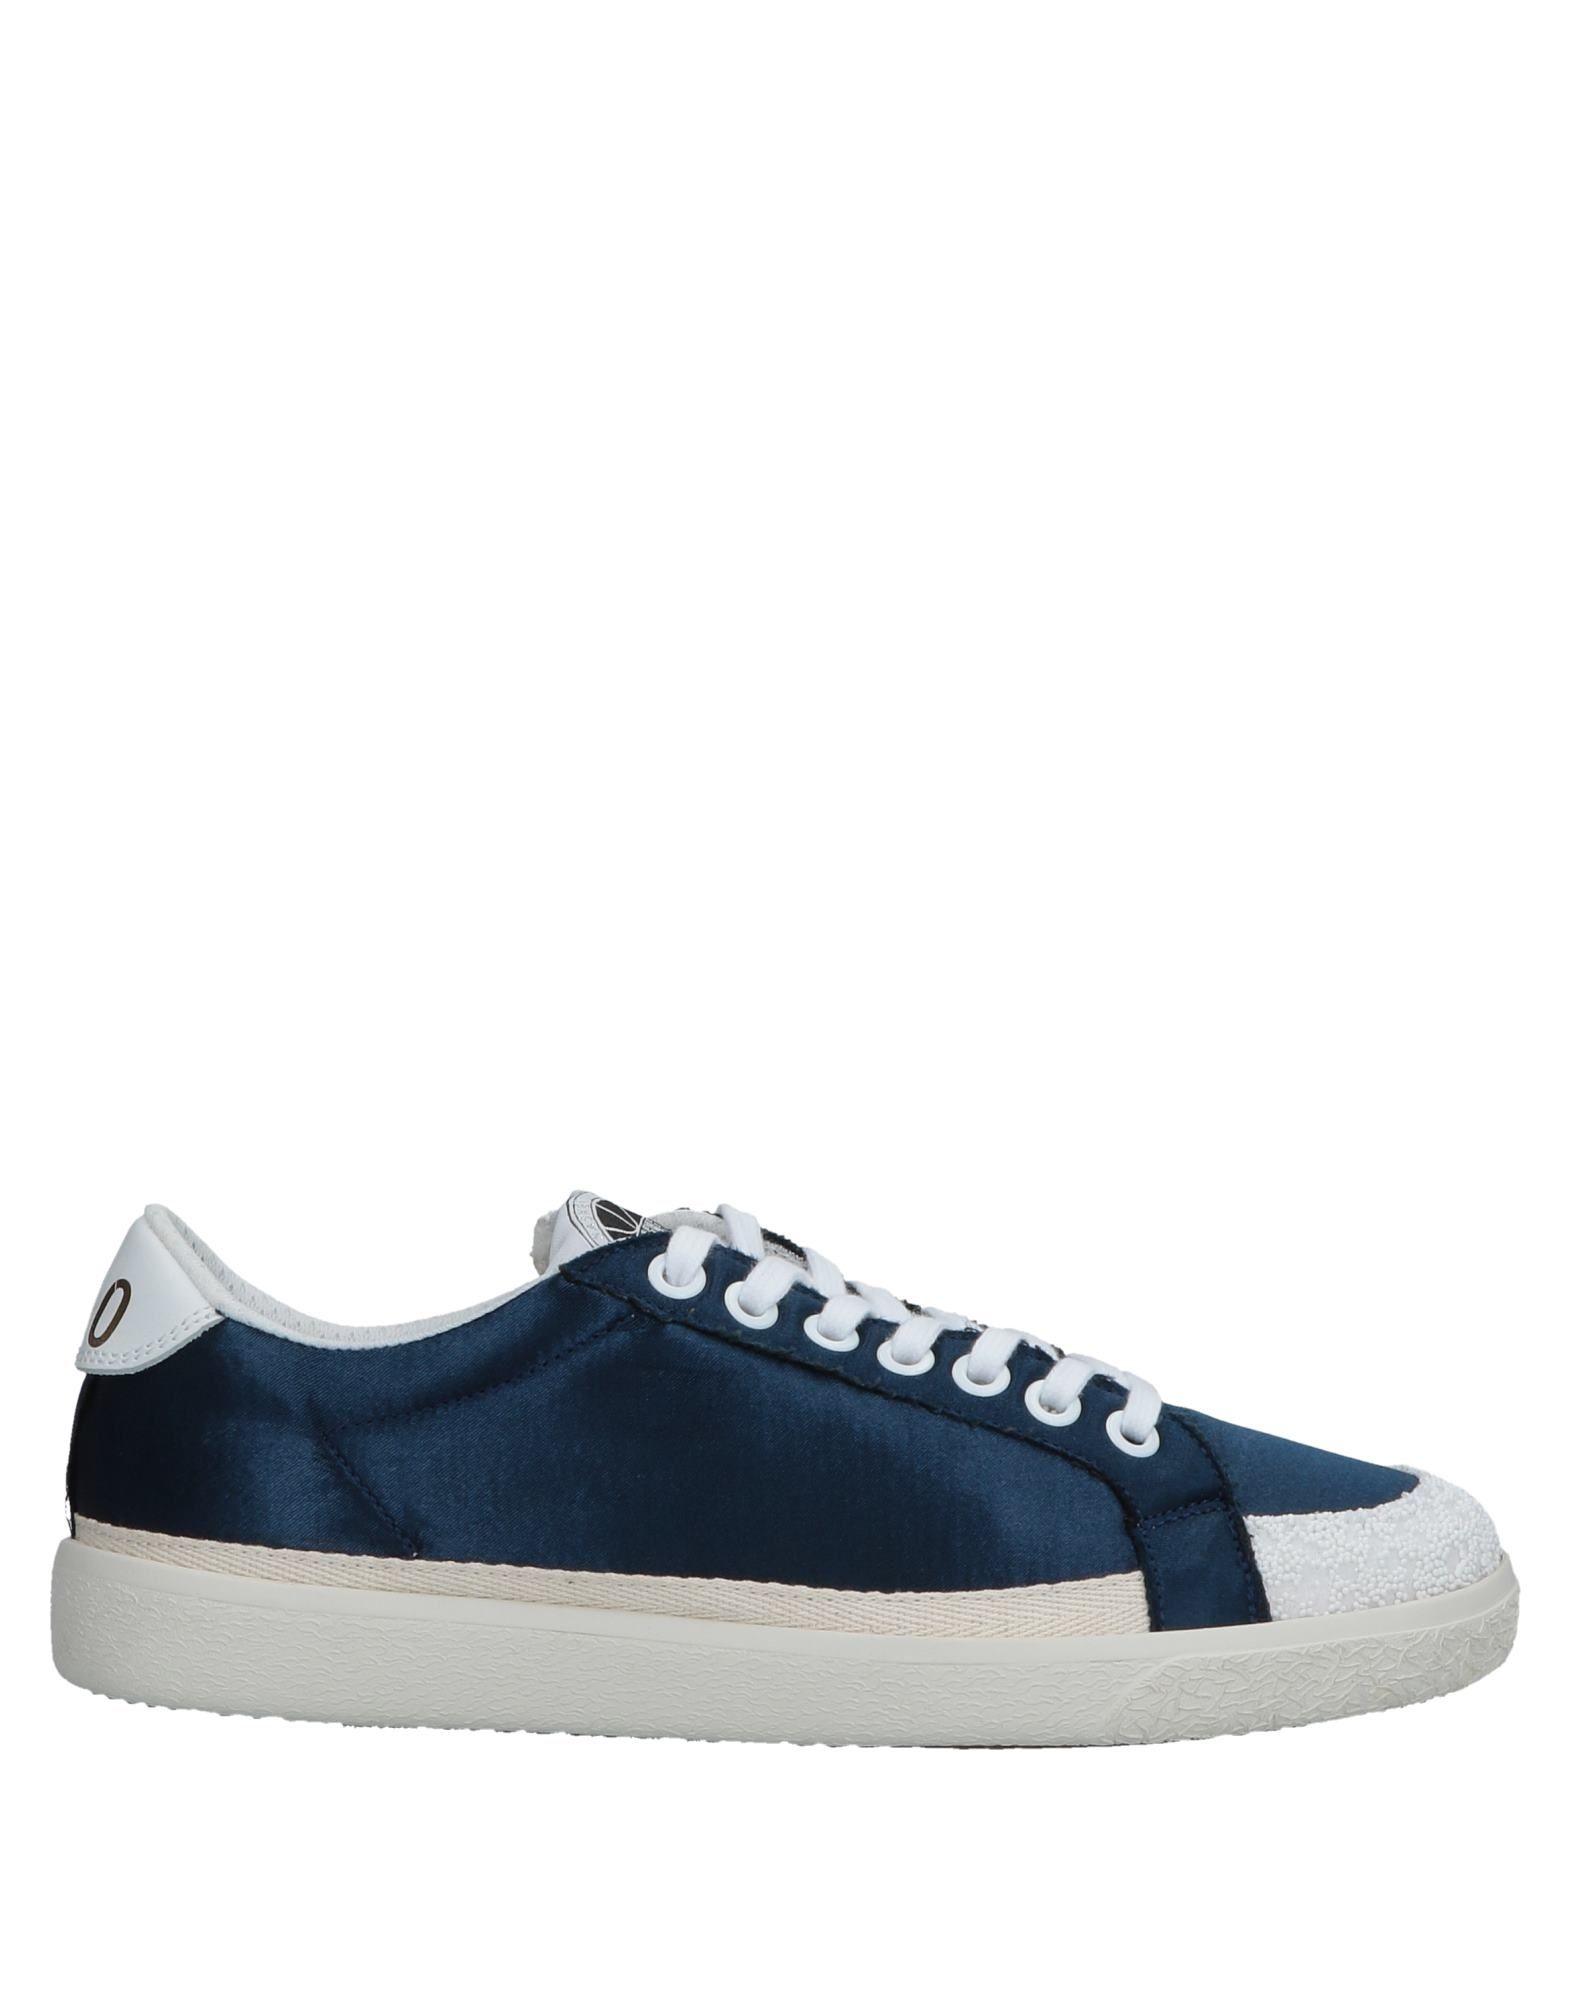 Zapatillas Pantofola D'oro Mujer -  Zapatillas Pantofola D'oro  - Azul oscuro bb5478